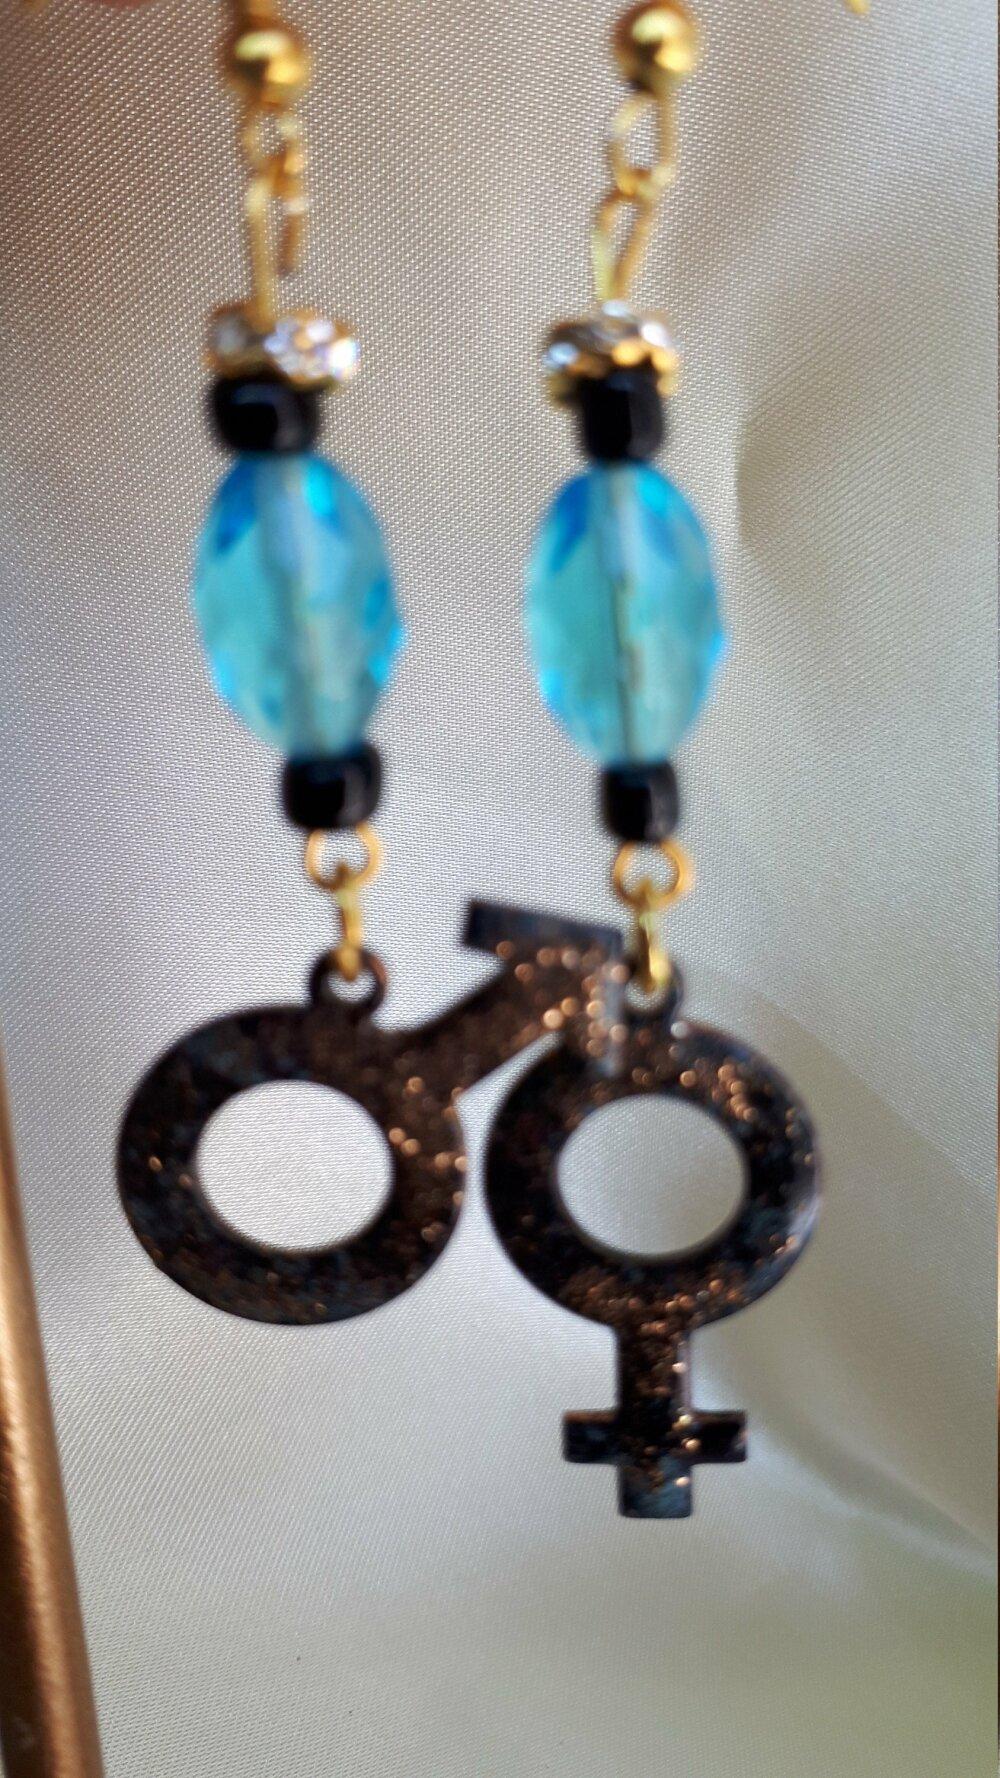 boucles d'oreilles  bleu et noir symbole homme femme amour breloque cuivre émaillé perle swarovsky bleue